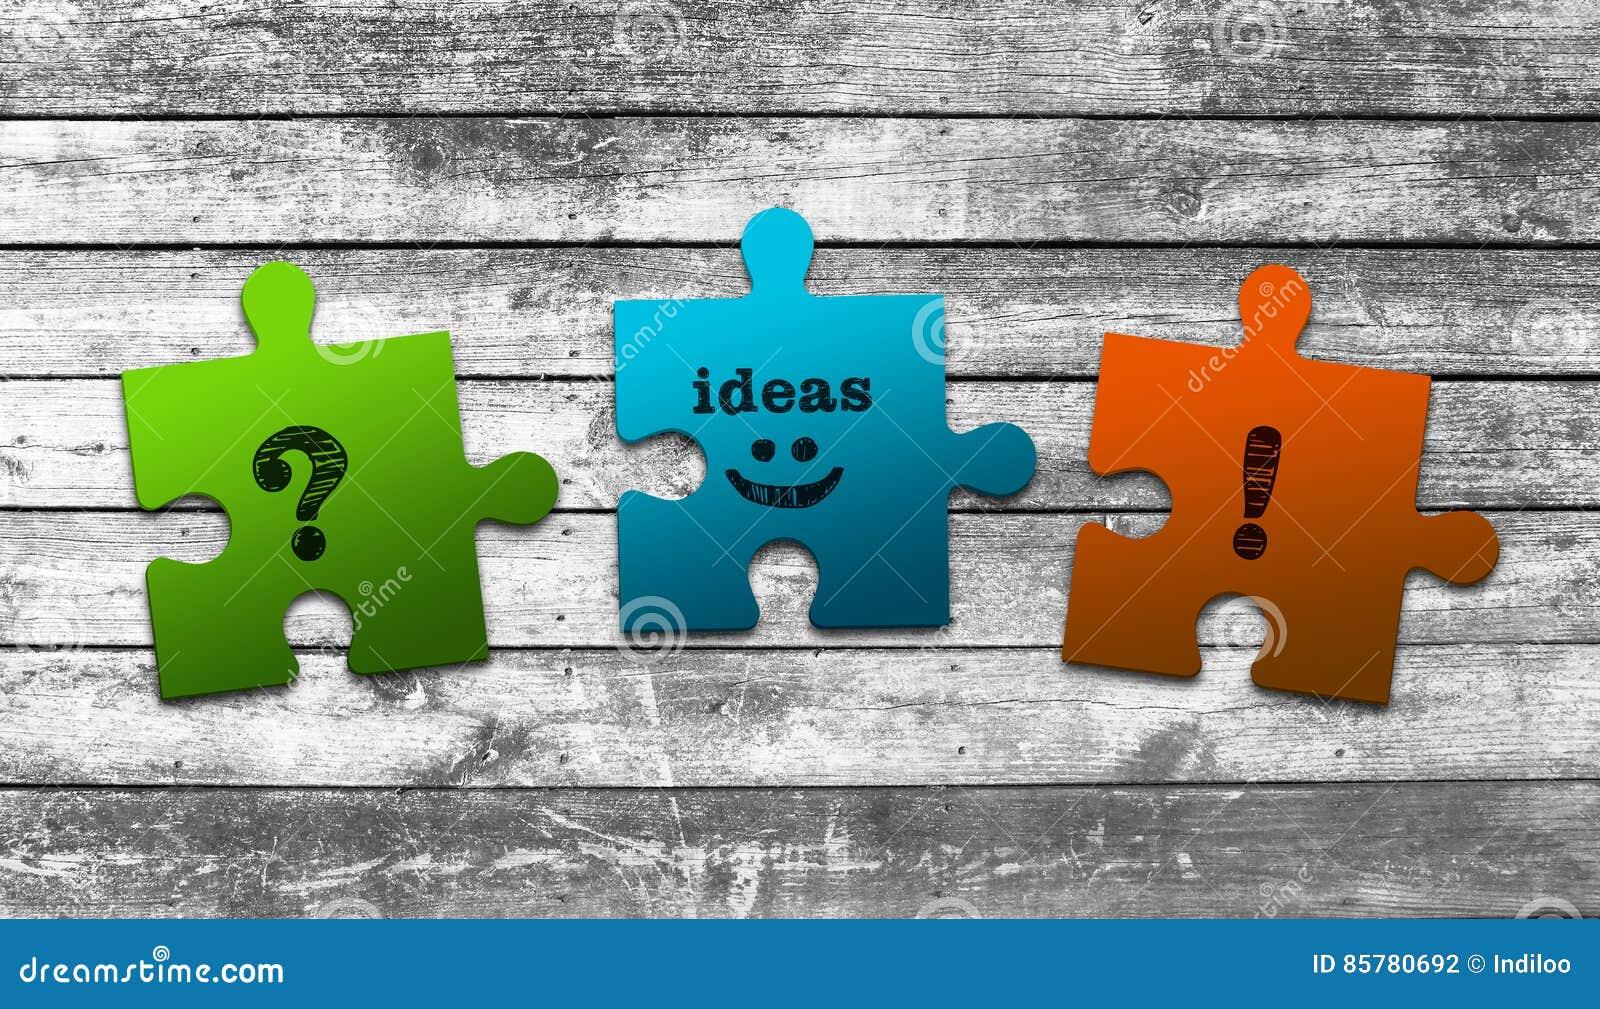 Geschäfts Laubsägen Konzept Stockfoto Bild Von Ideen Punkt 85780692